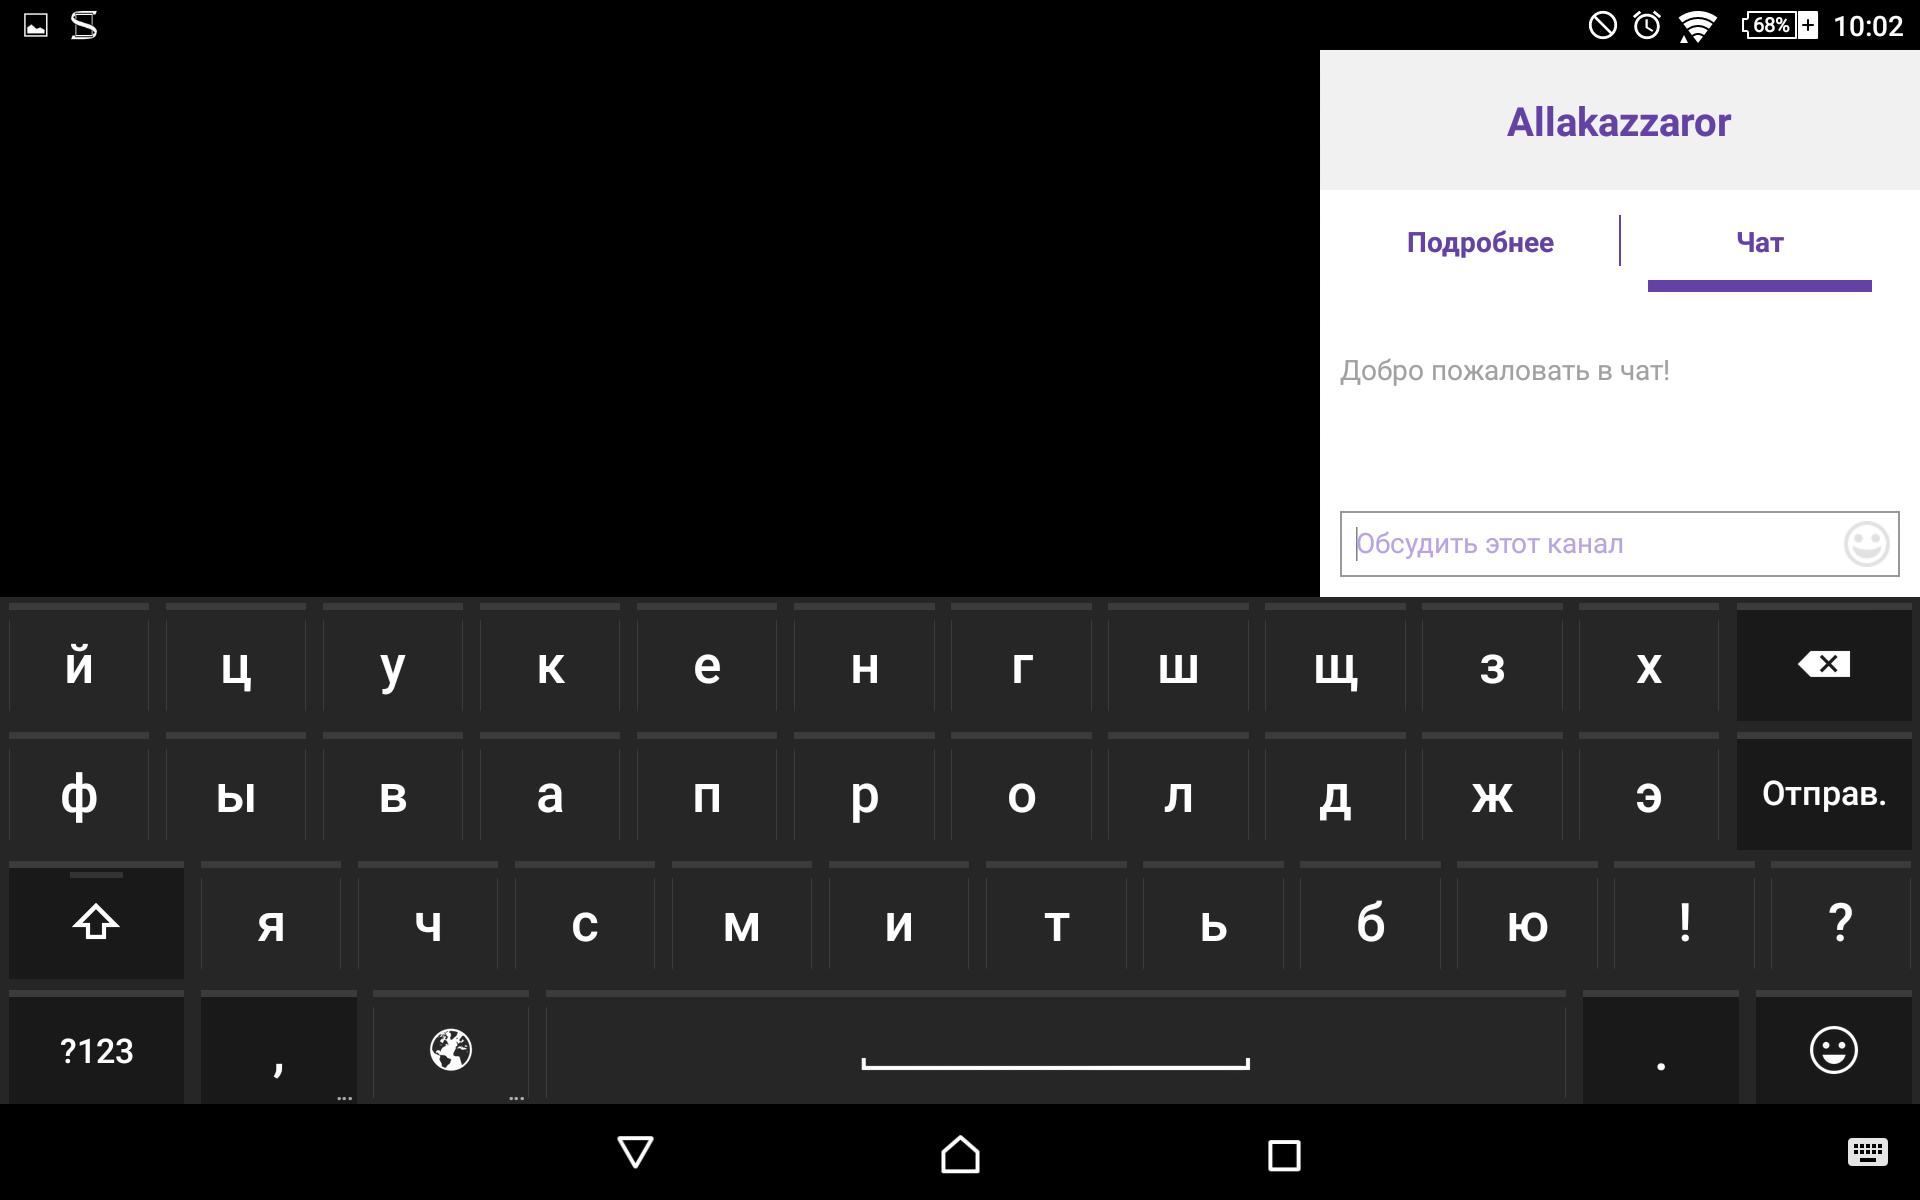 Приложения от BlackBerry для Android: APK, установка, возможности